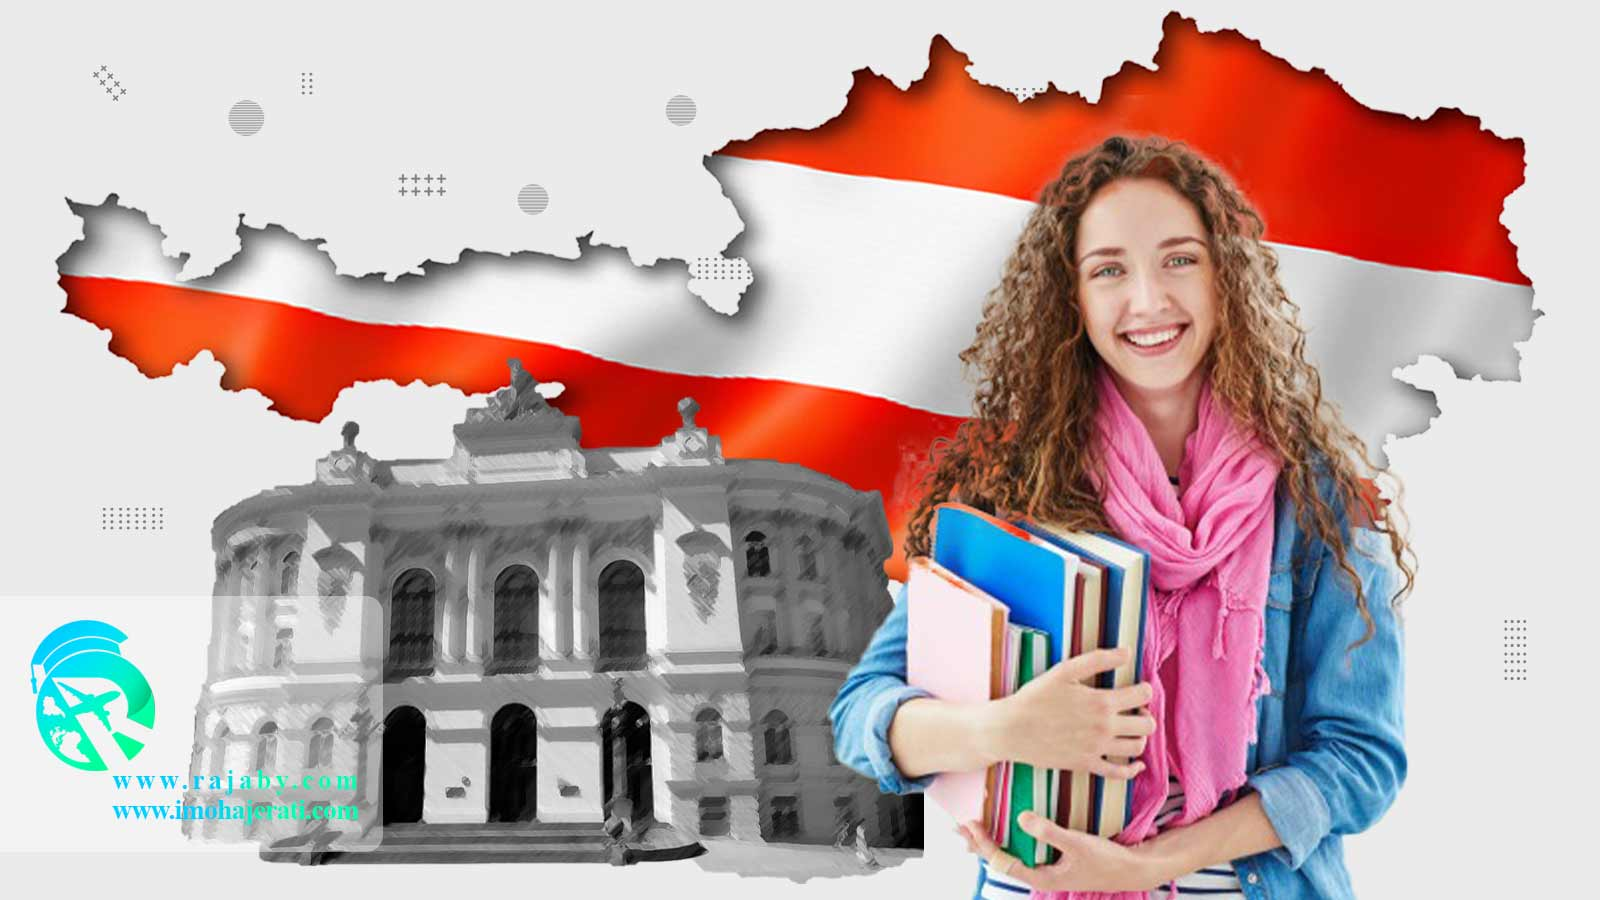 درخواست پذیرش دانشگاه های اتریش